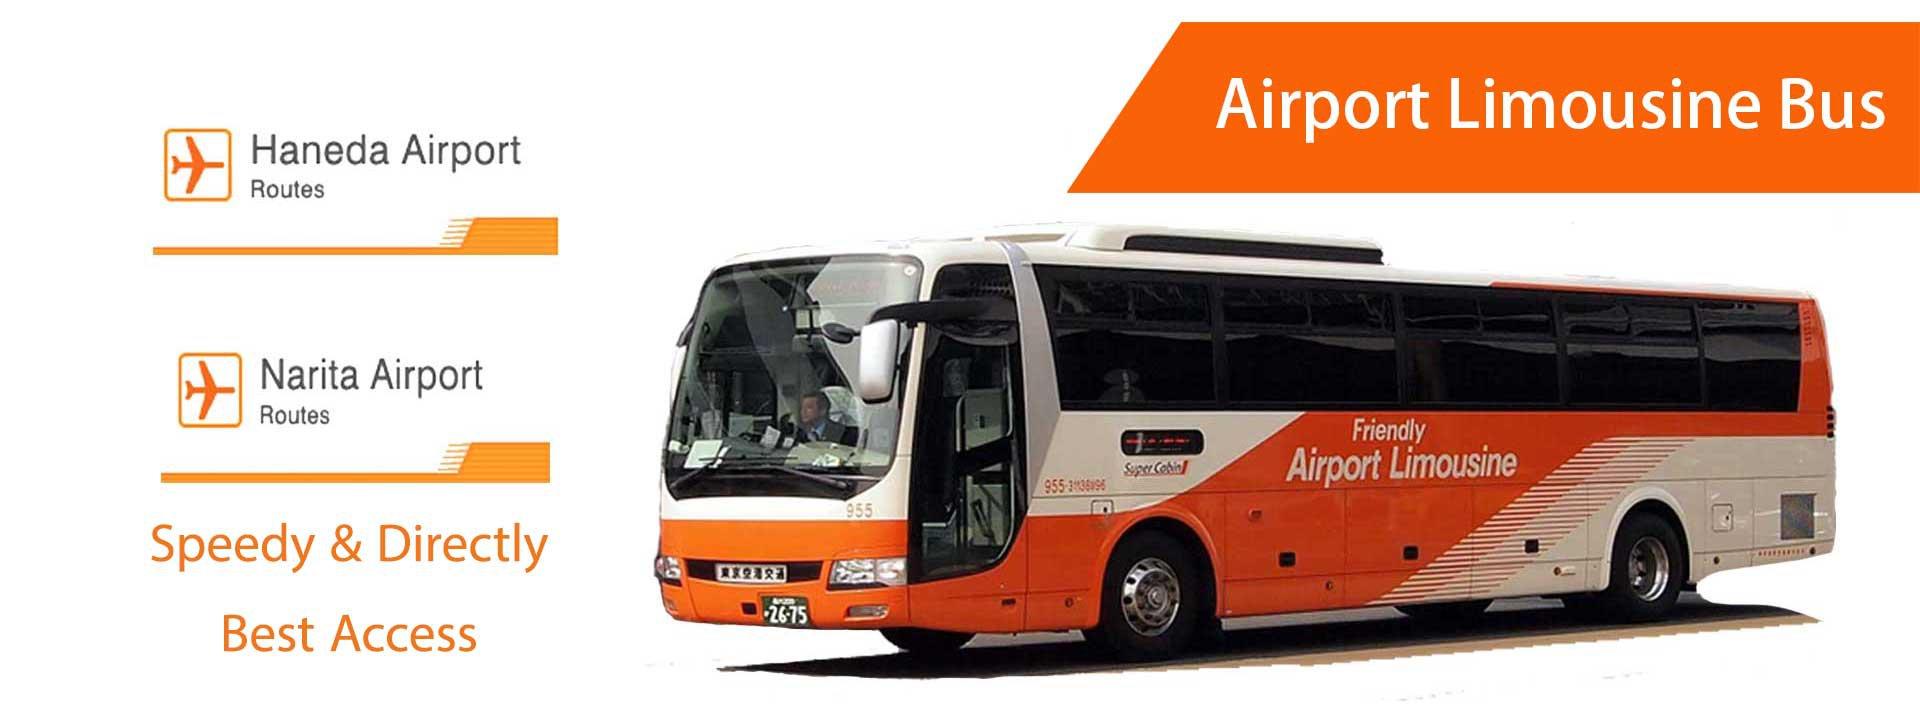 Tokyo airport bus